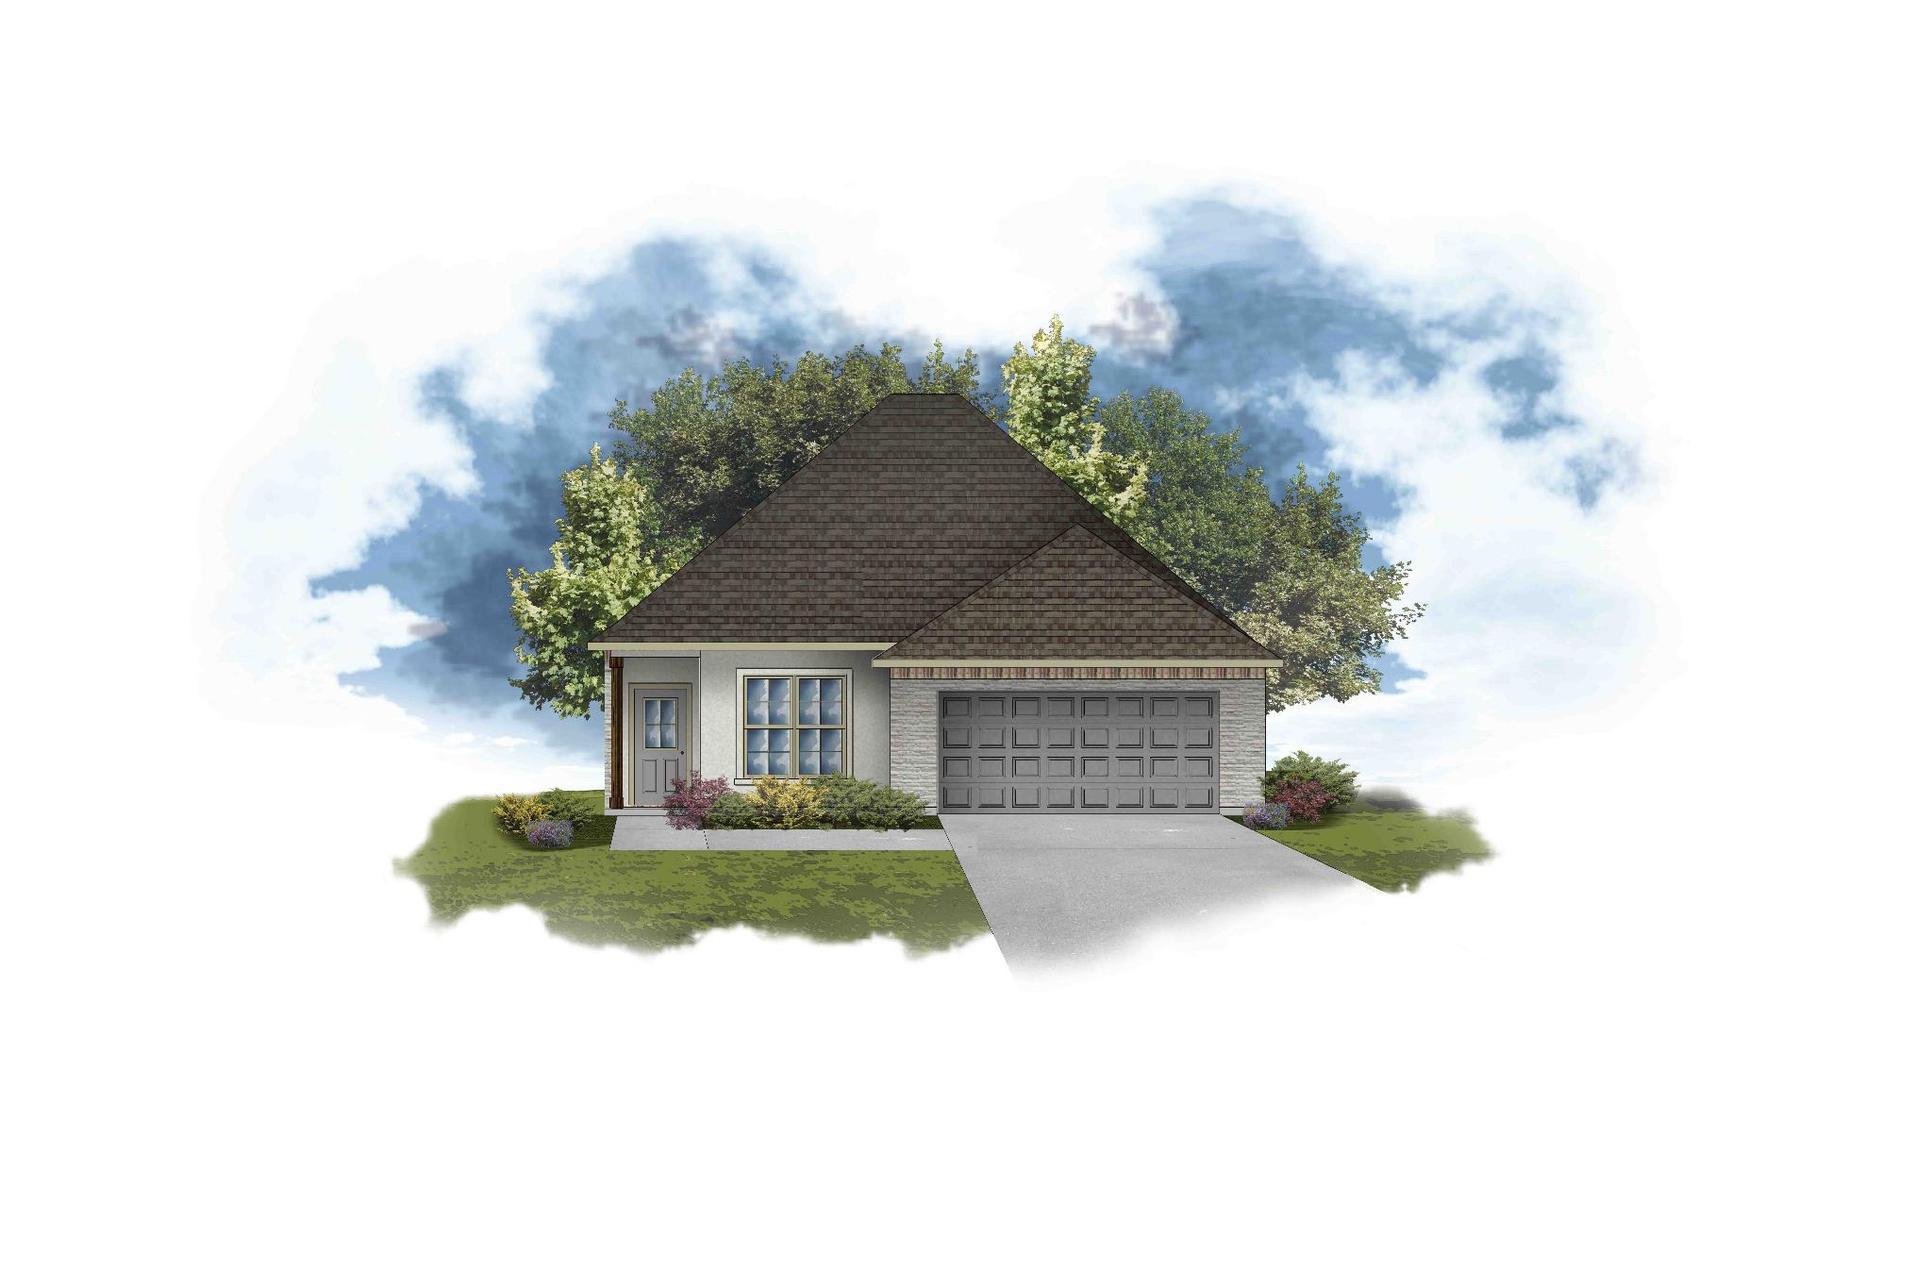 Bagneaux III B - PB - Open Floor Plan - DSLD Homes